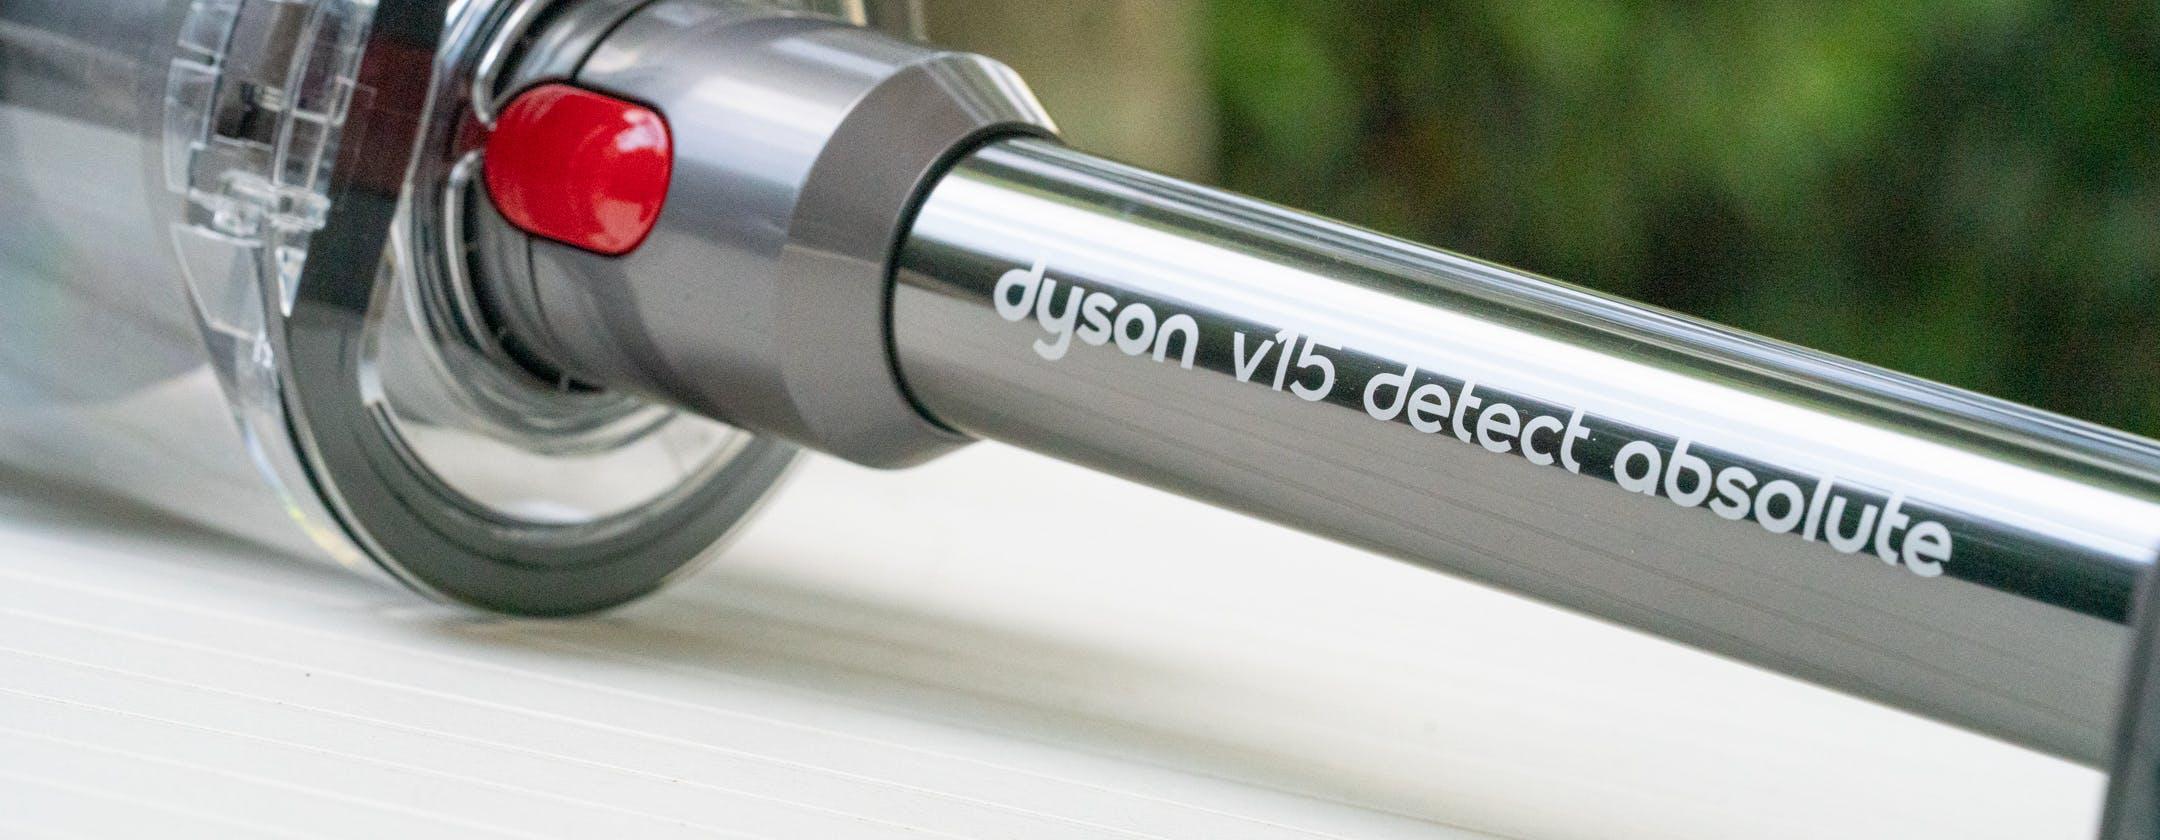 Dyson V15 Detect alla prova: il SUV top di gamma degli aspirapolvere a colpi di laser e sensore piezo